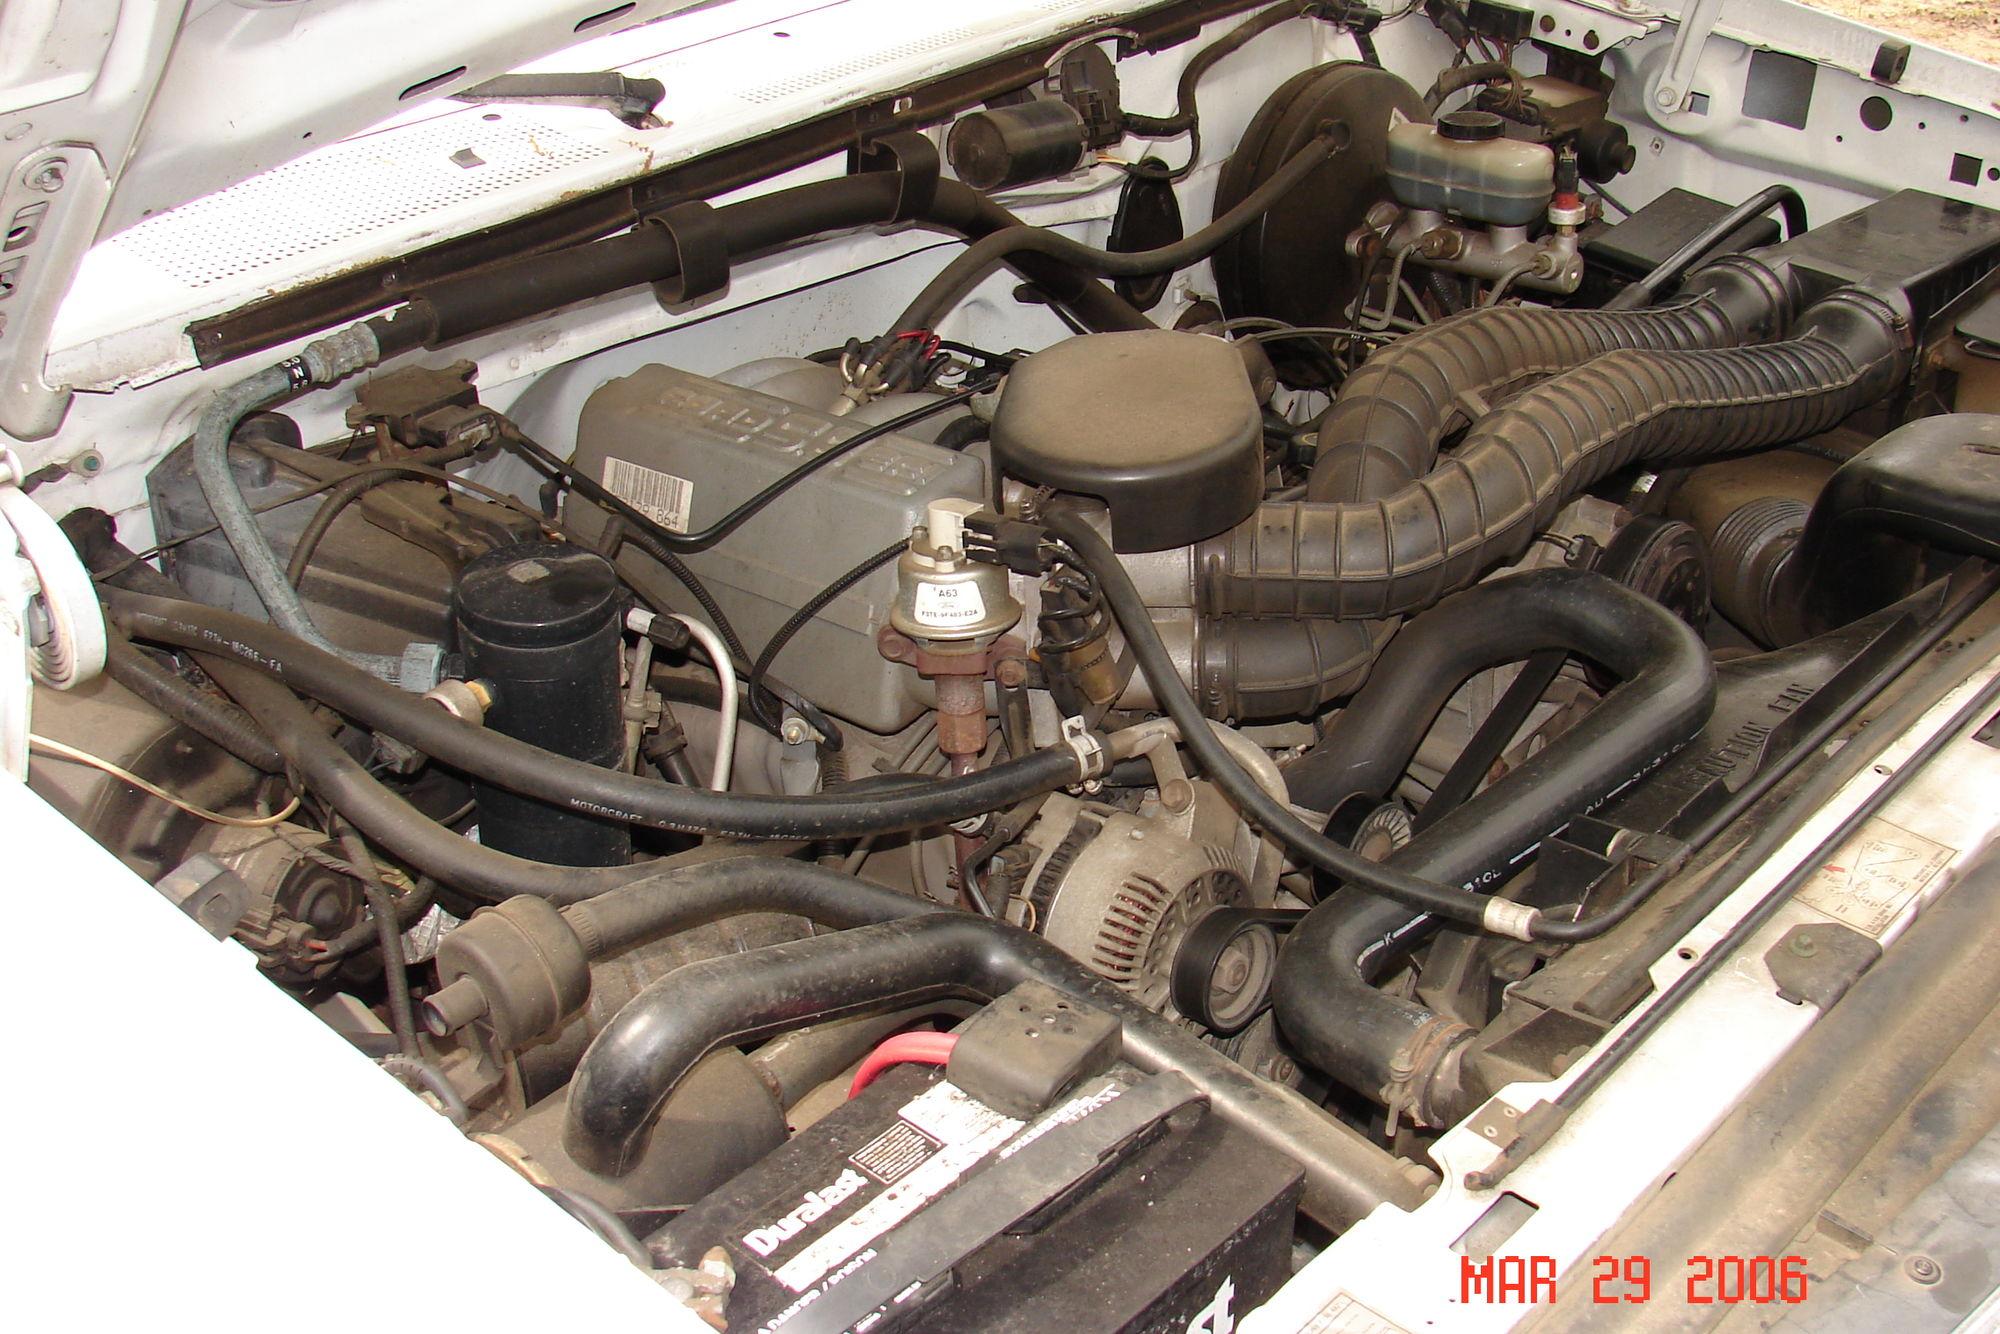 hight resolution of 460 engine parts diagram labeled for a 2002 pontiac chevy v8 engine diagram v6 engine diagram